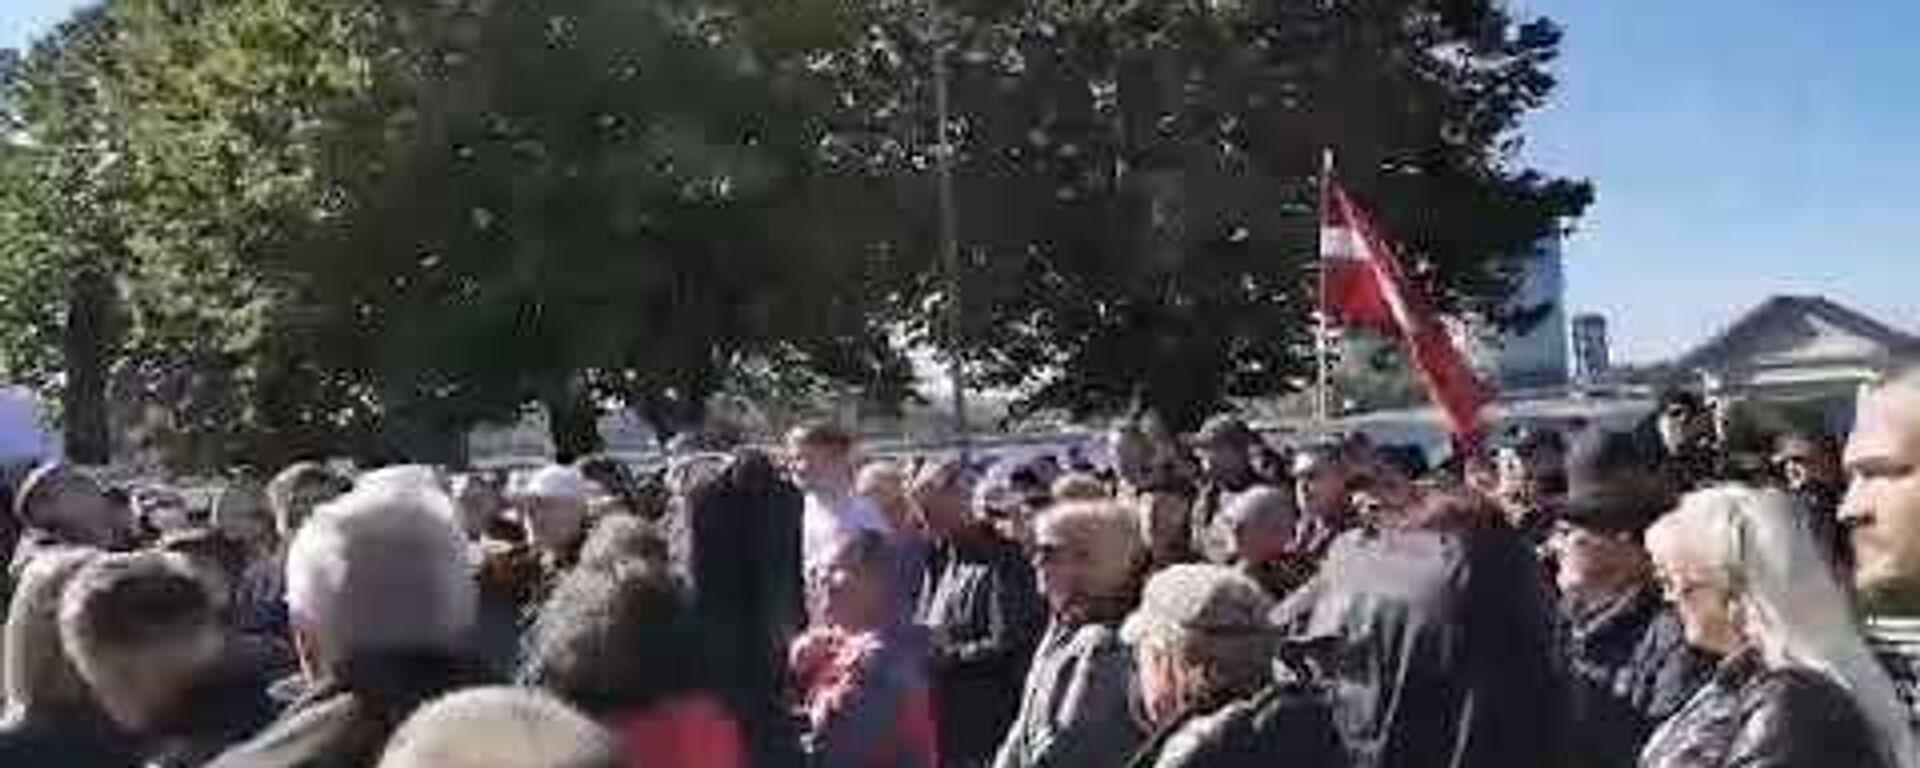 Масштабная акция протеста у Рижского замка: люди против террора правительства - Sputnik Латвия, 1920, 18.09.2021